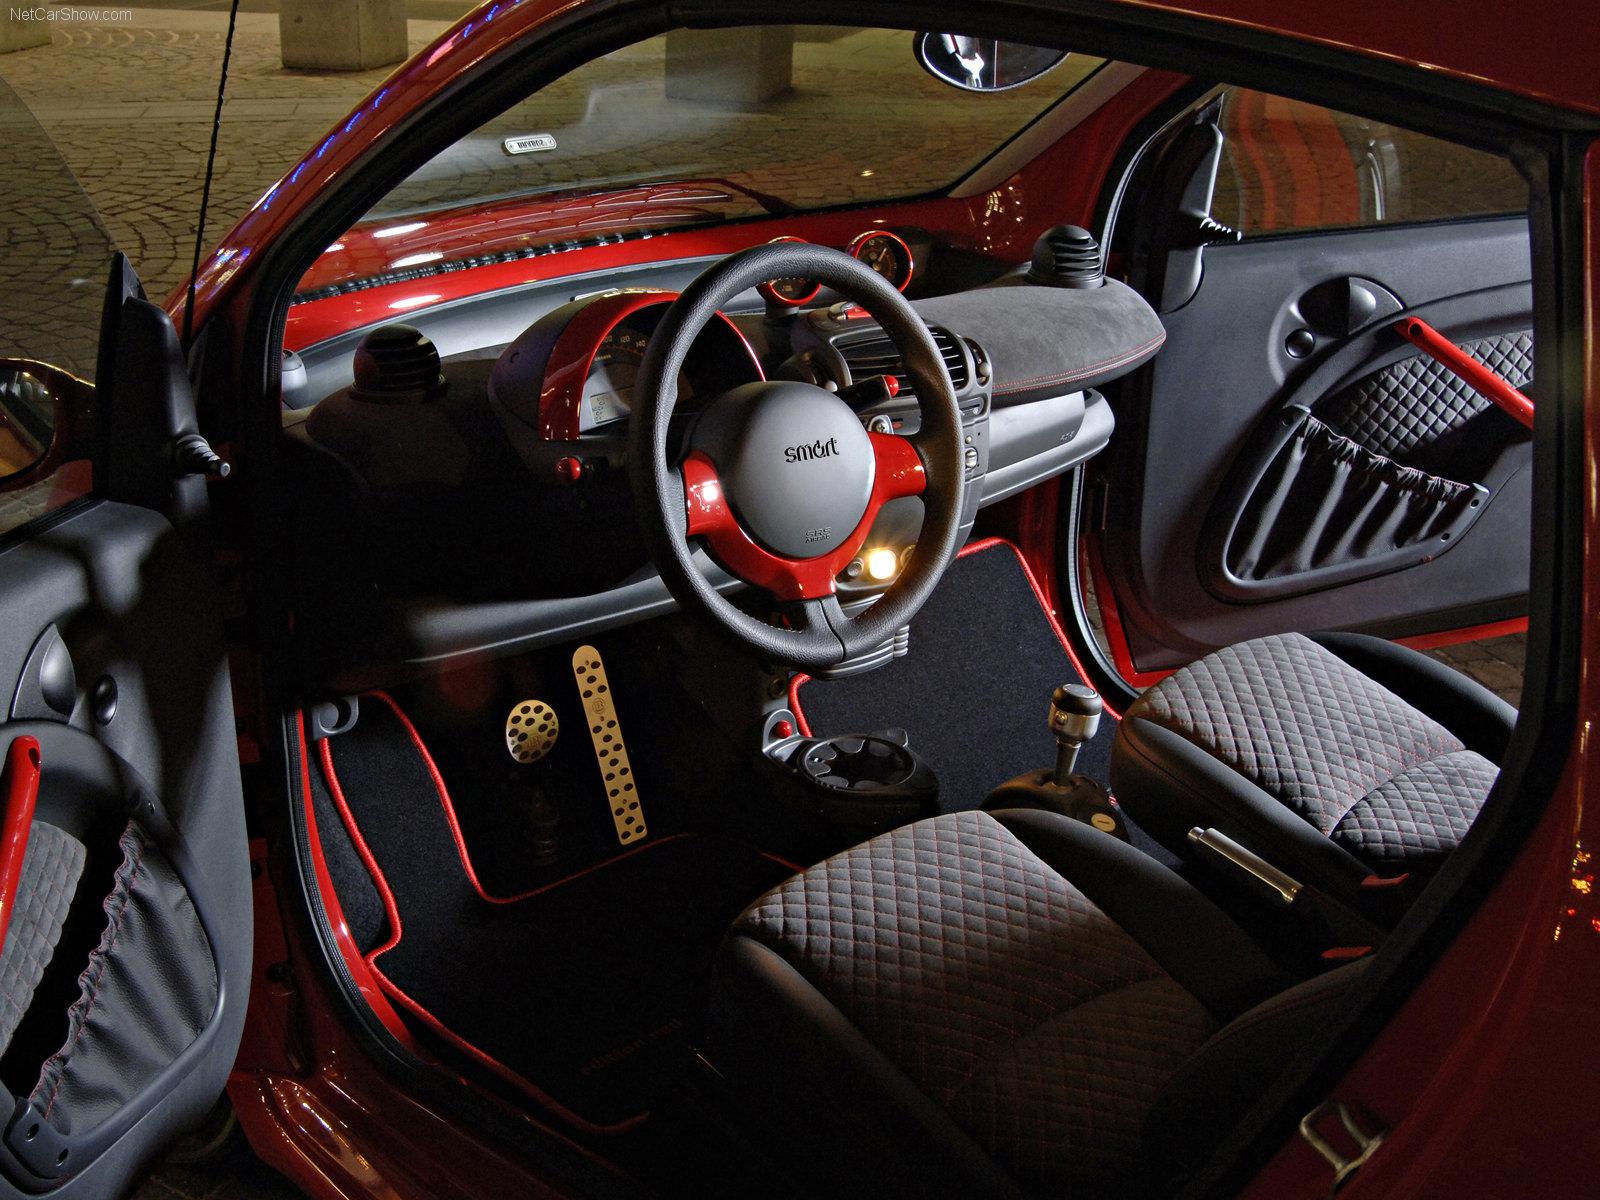 Hình ảnh xe ô tô Smart fortwo edition red 2006 & nội ngoại thất